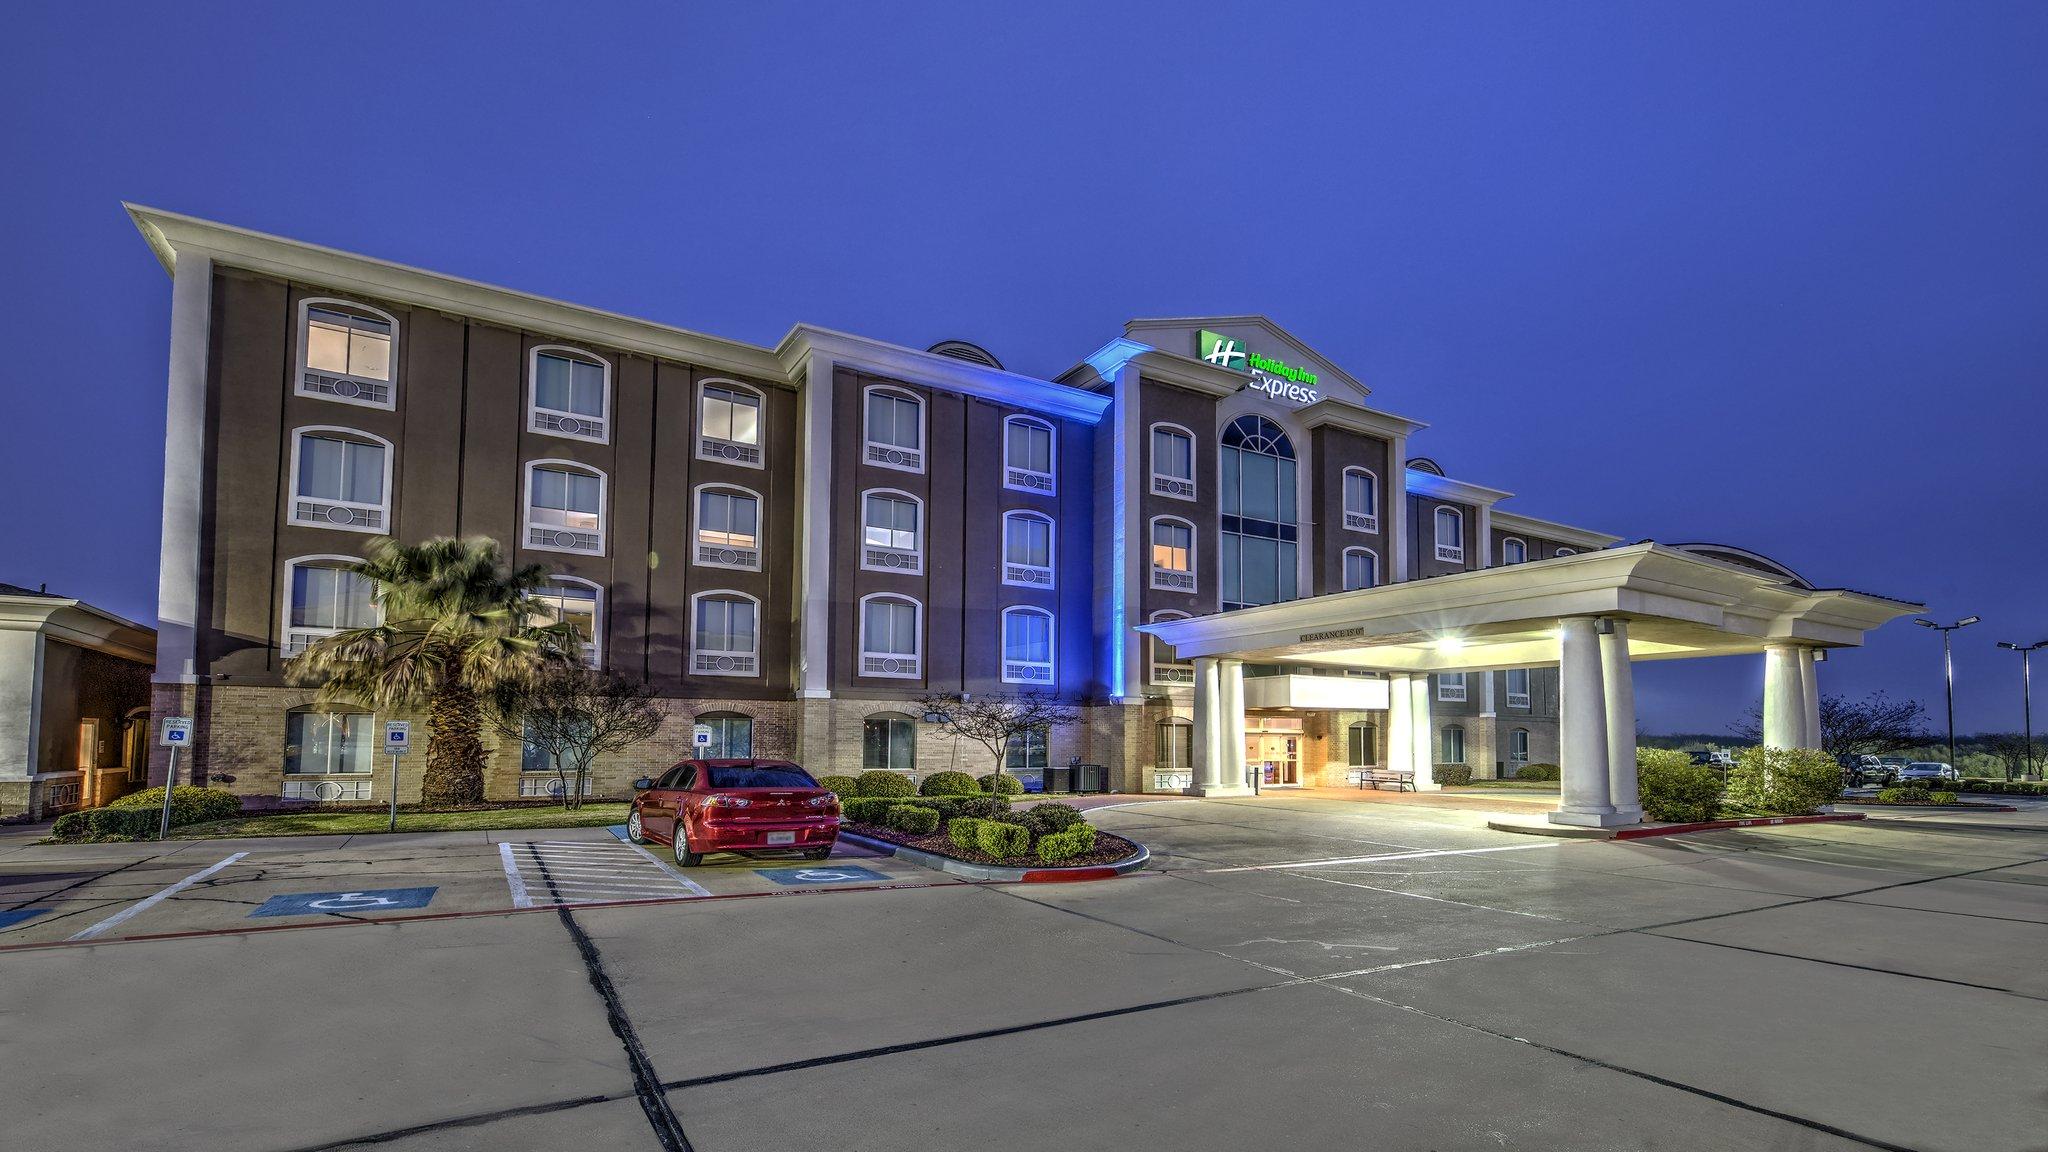 Holiday Inn Express Corsicana I-45